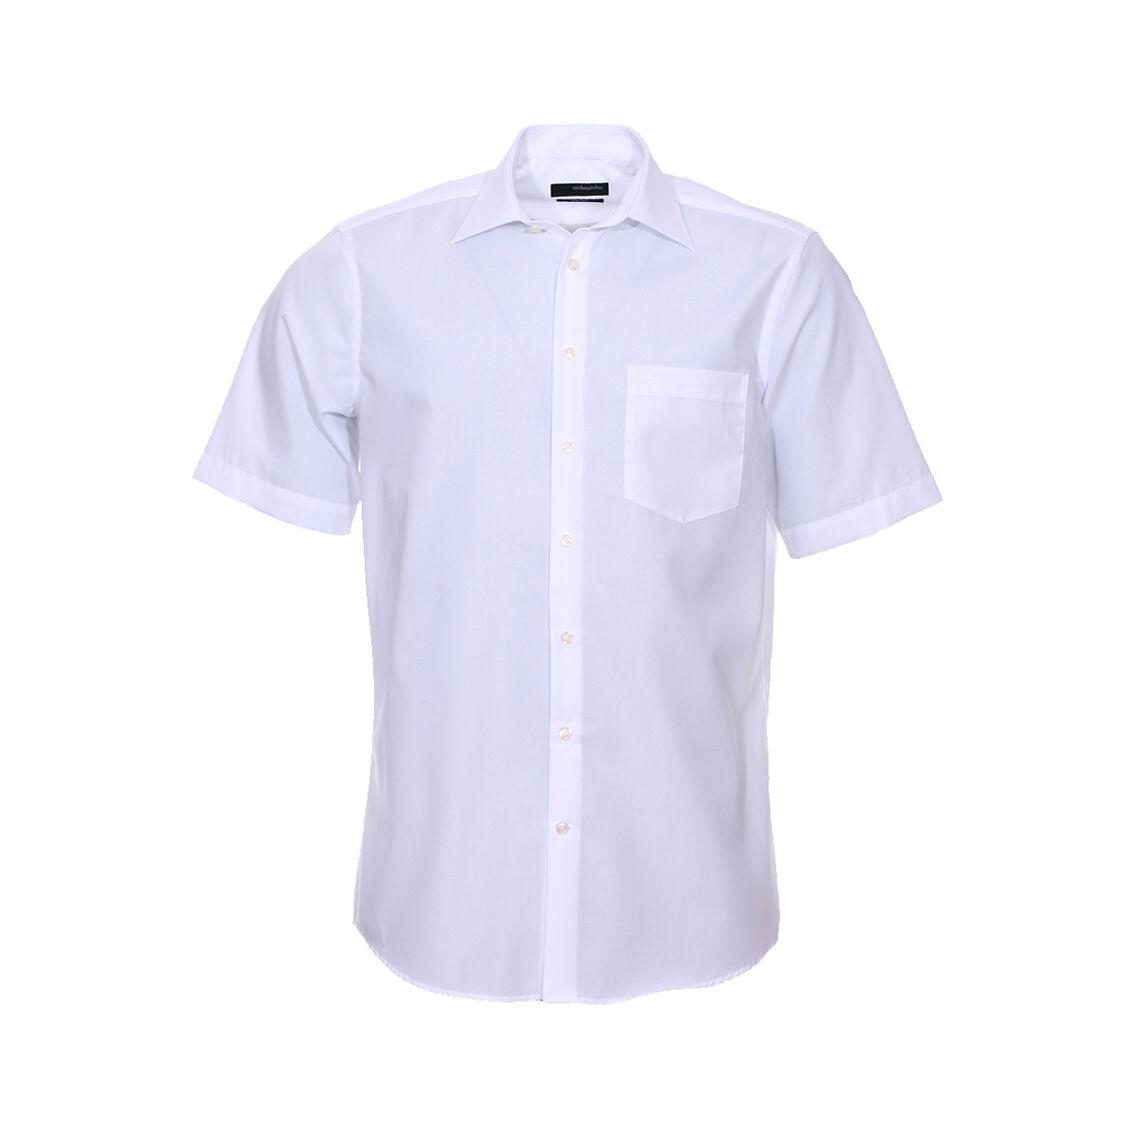 Seidensticker Chemisette droite Seidensticker unie blanche Sans repassage - BLANC -